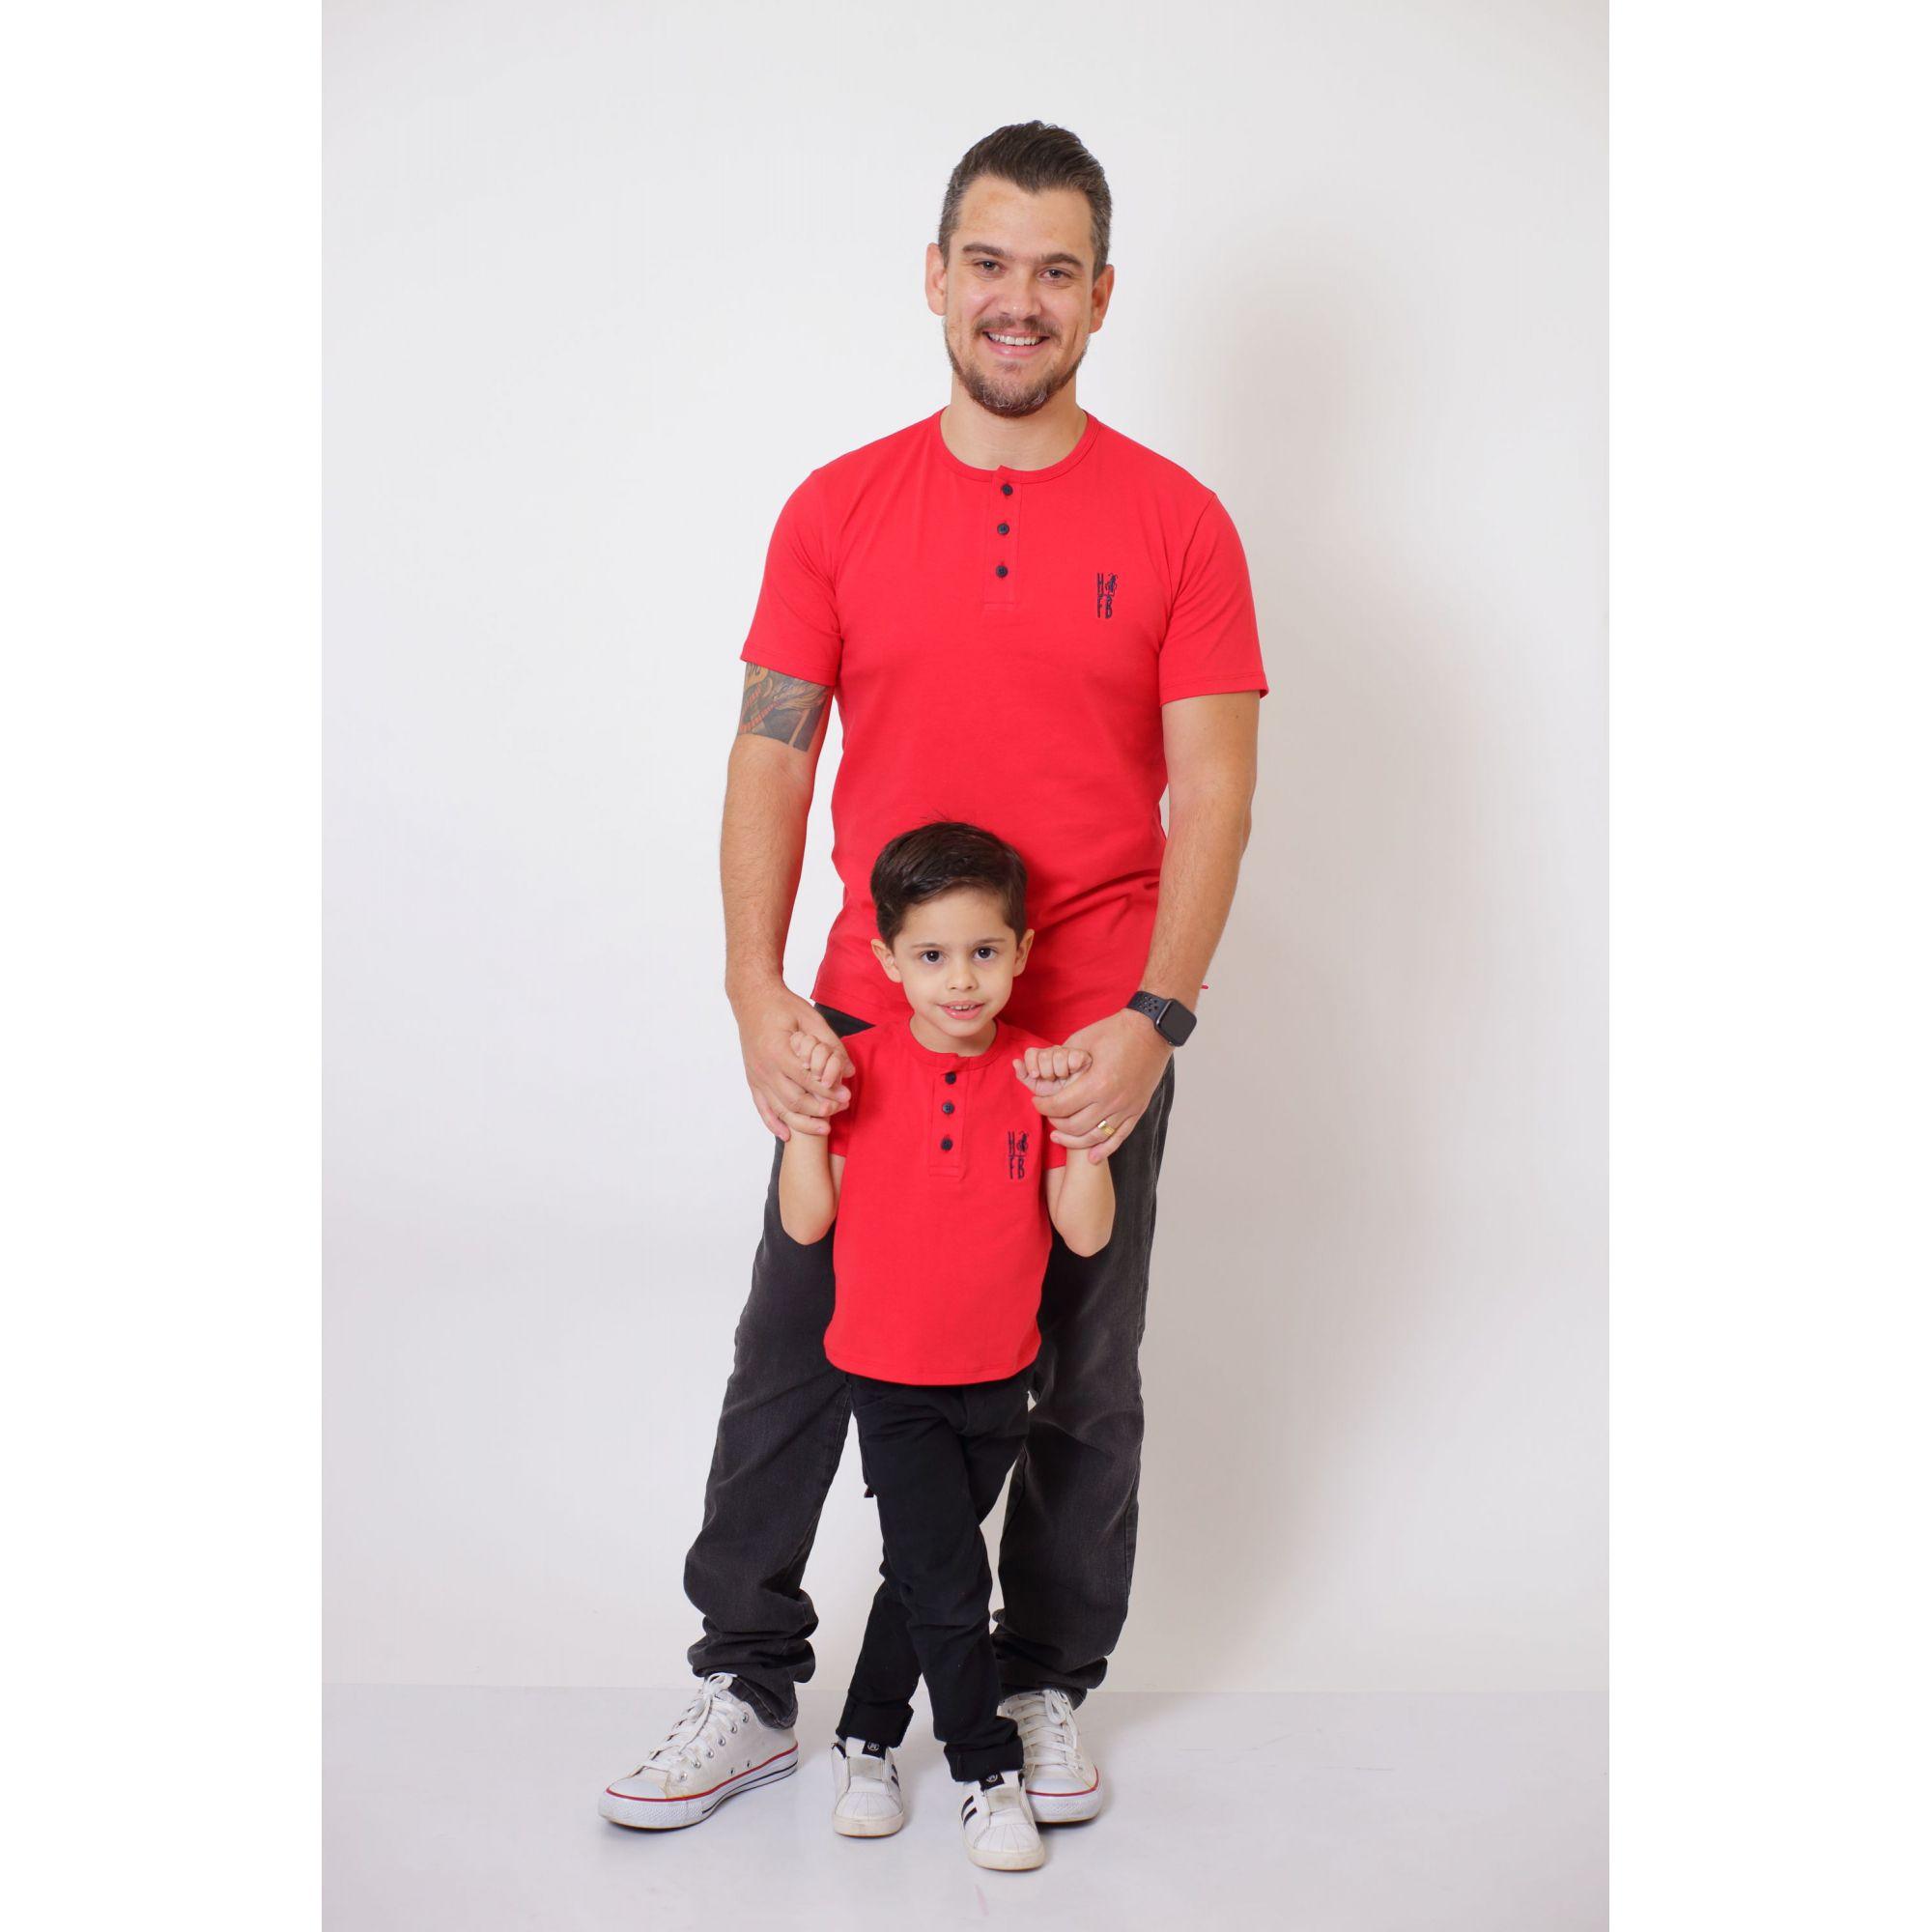 PAI E FILHO > T-Shirt Adulto  + T-Shirt ou Body Infantil - Henley - Vermelho  [Coleção Tal Pai Tal Filho]